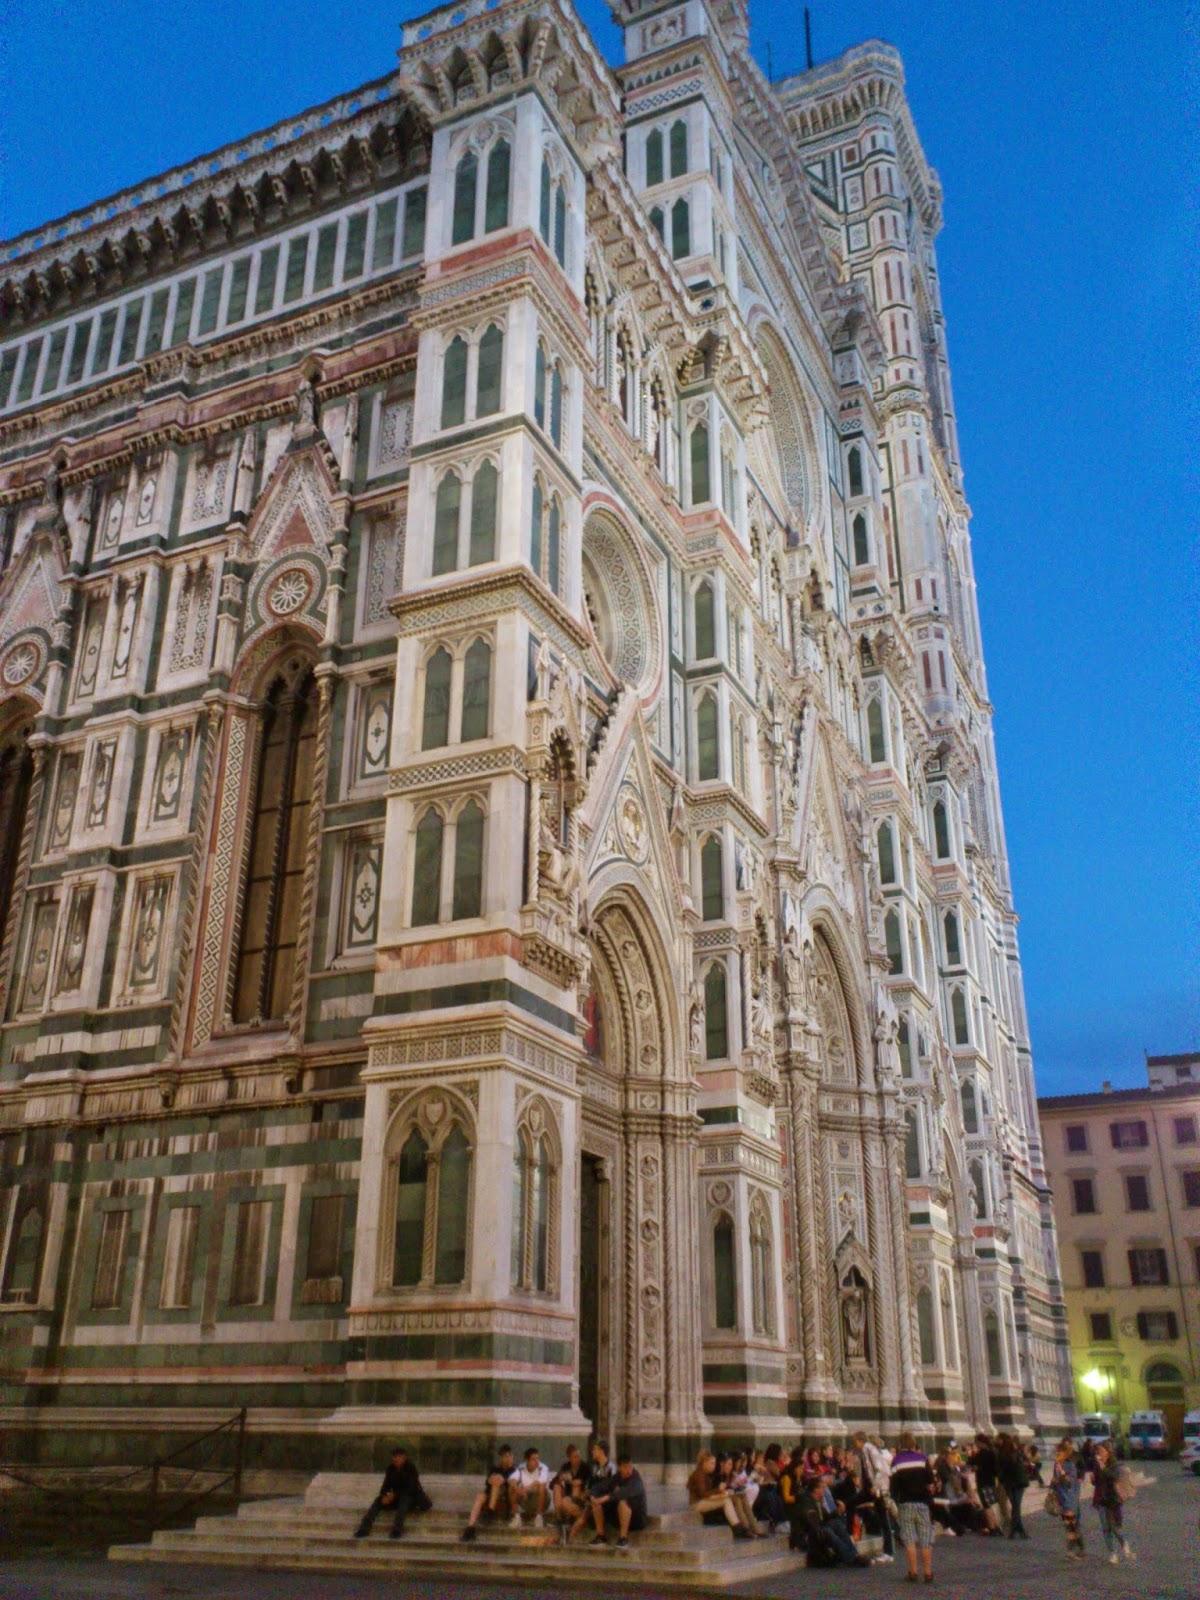 Duomo de Firenze - Florença - Itália